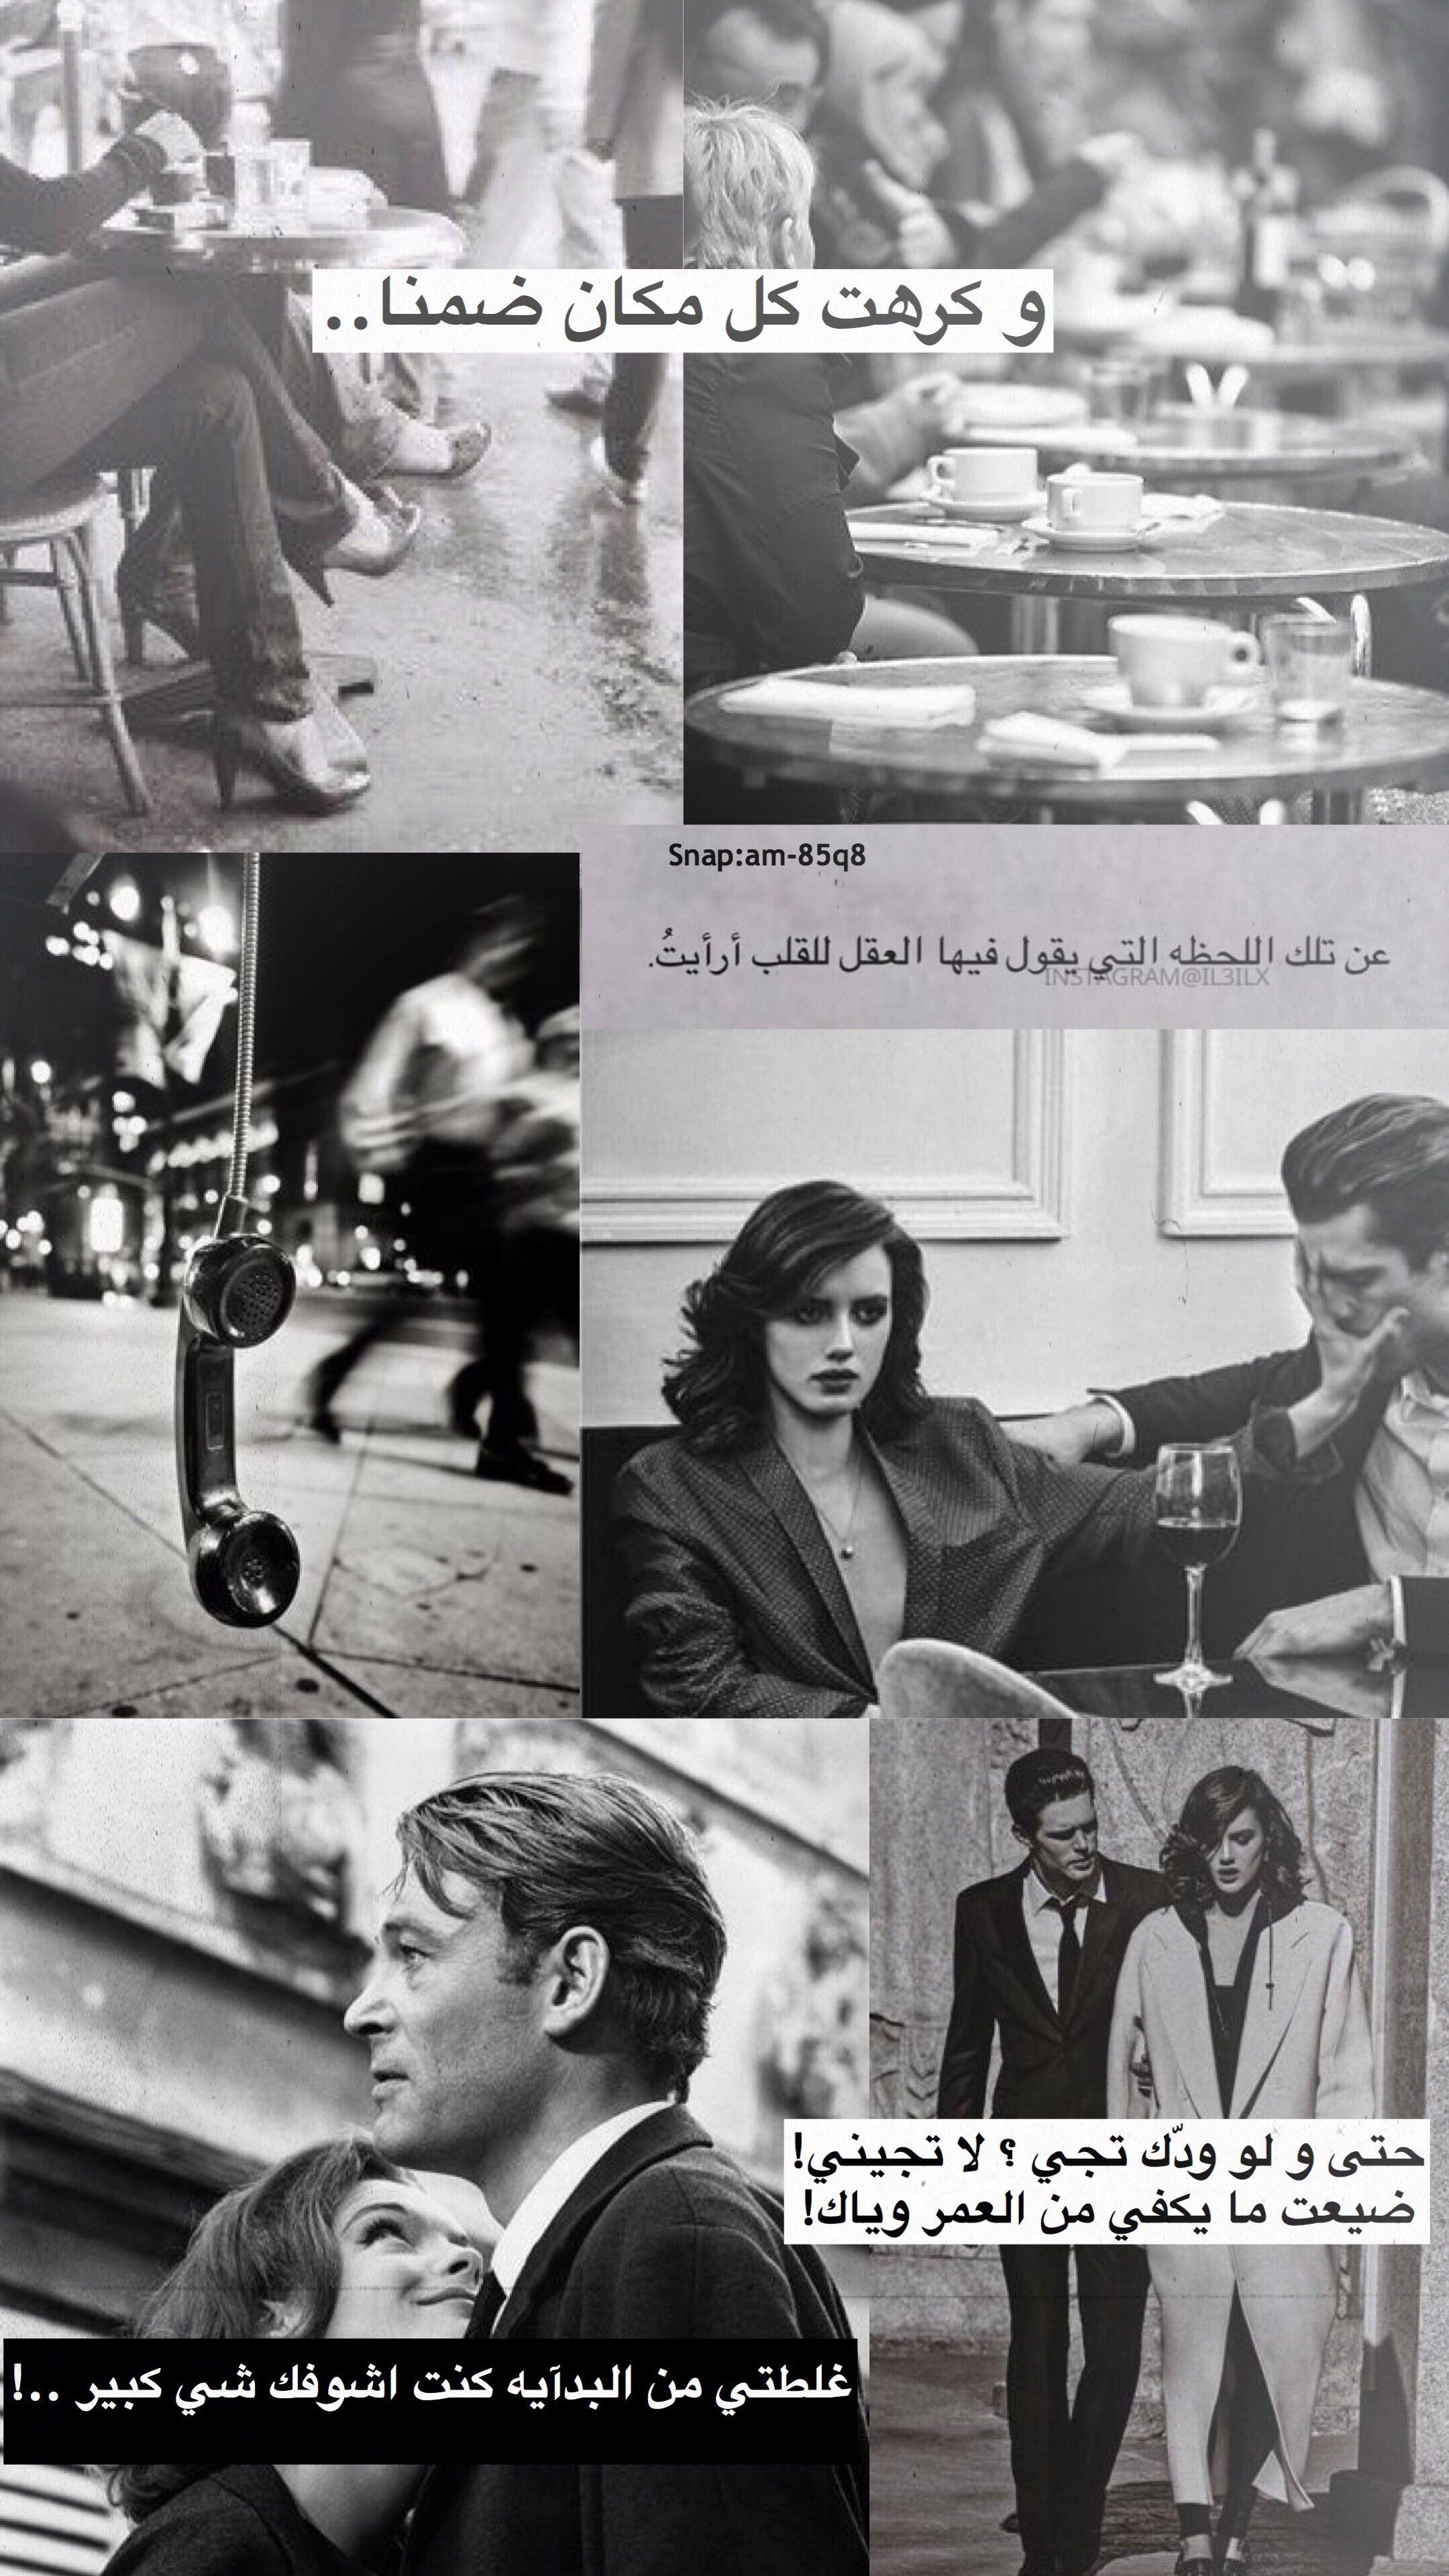 كل هالدنيا أماني Arabic Love Quotes Love Quotes Aesthetic Photo